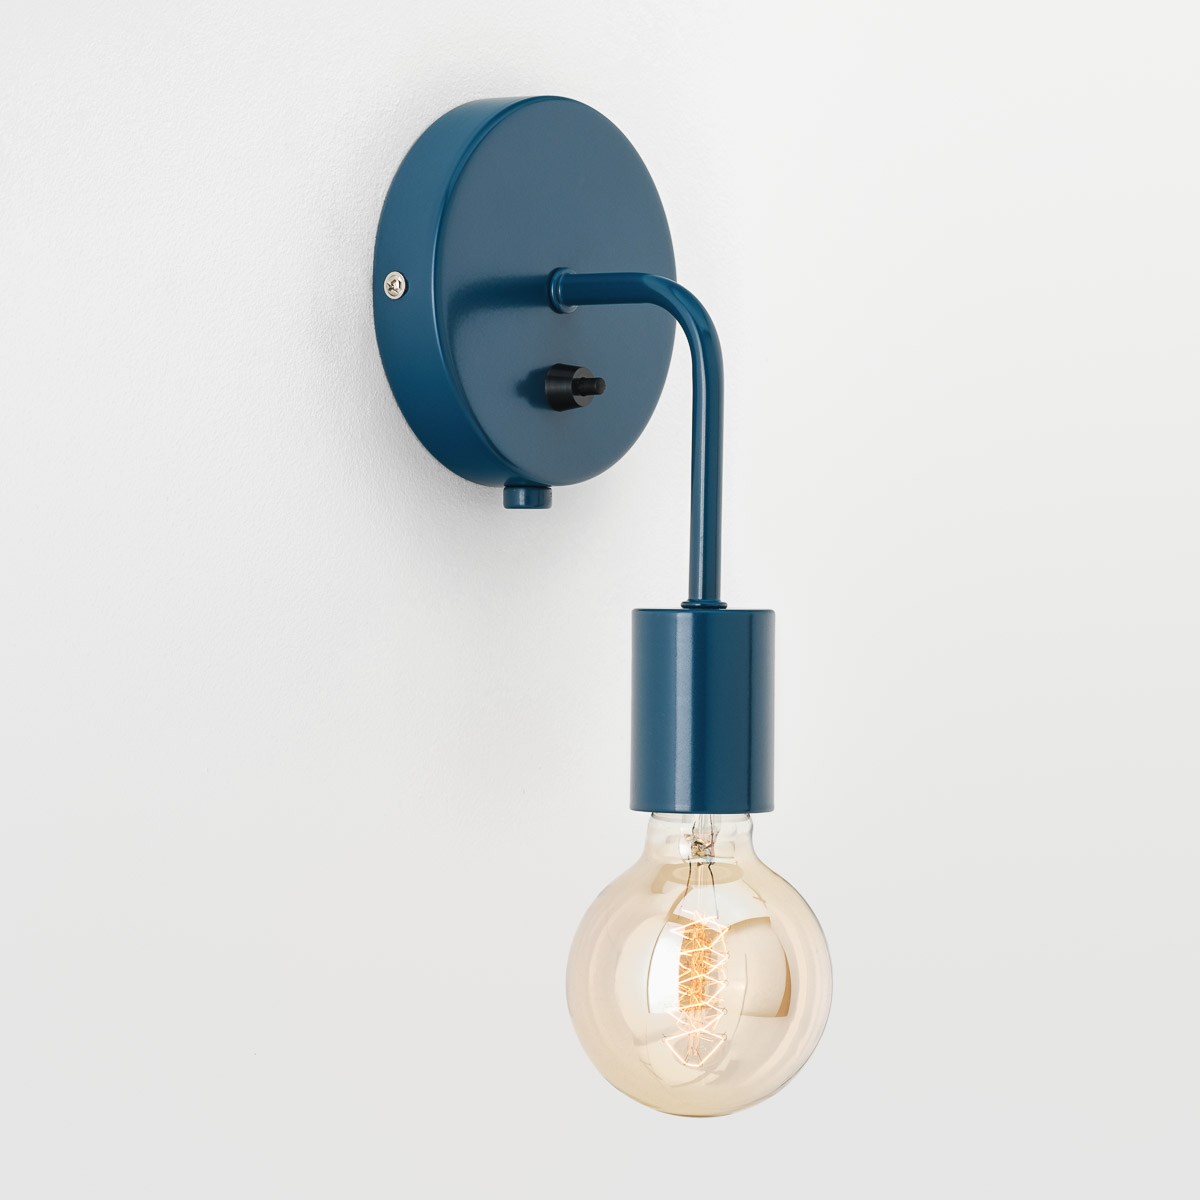 Настенный светильник Loui синий